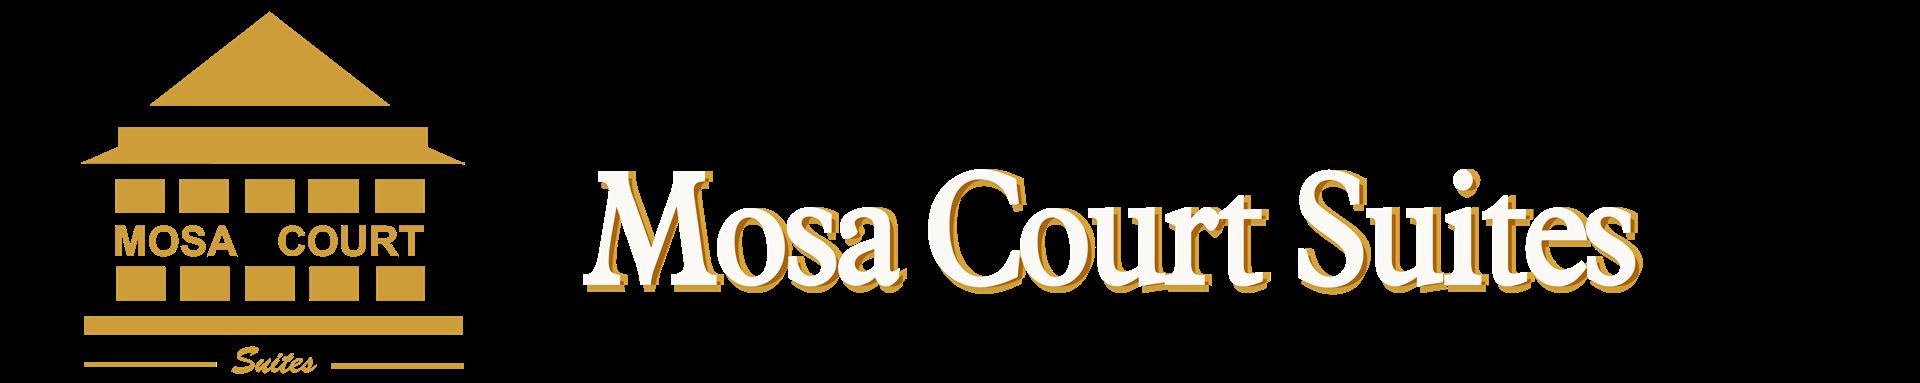 Mosa Court Suite